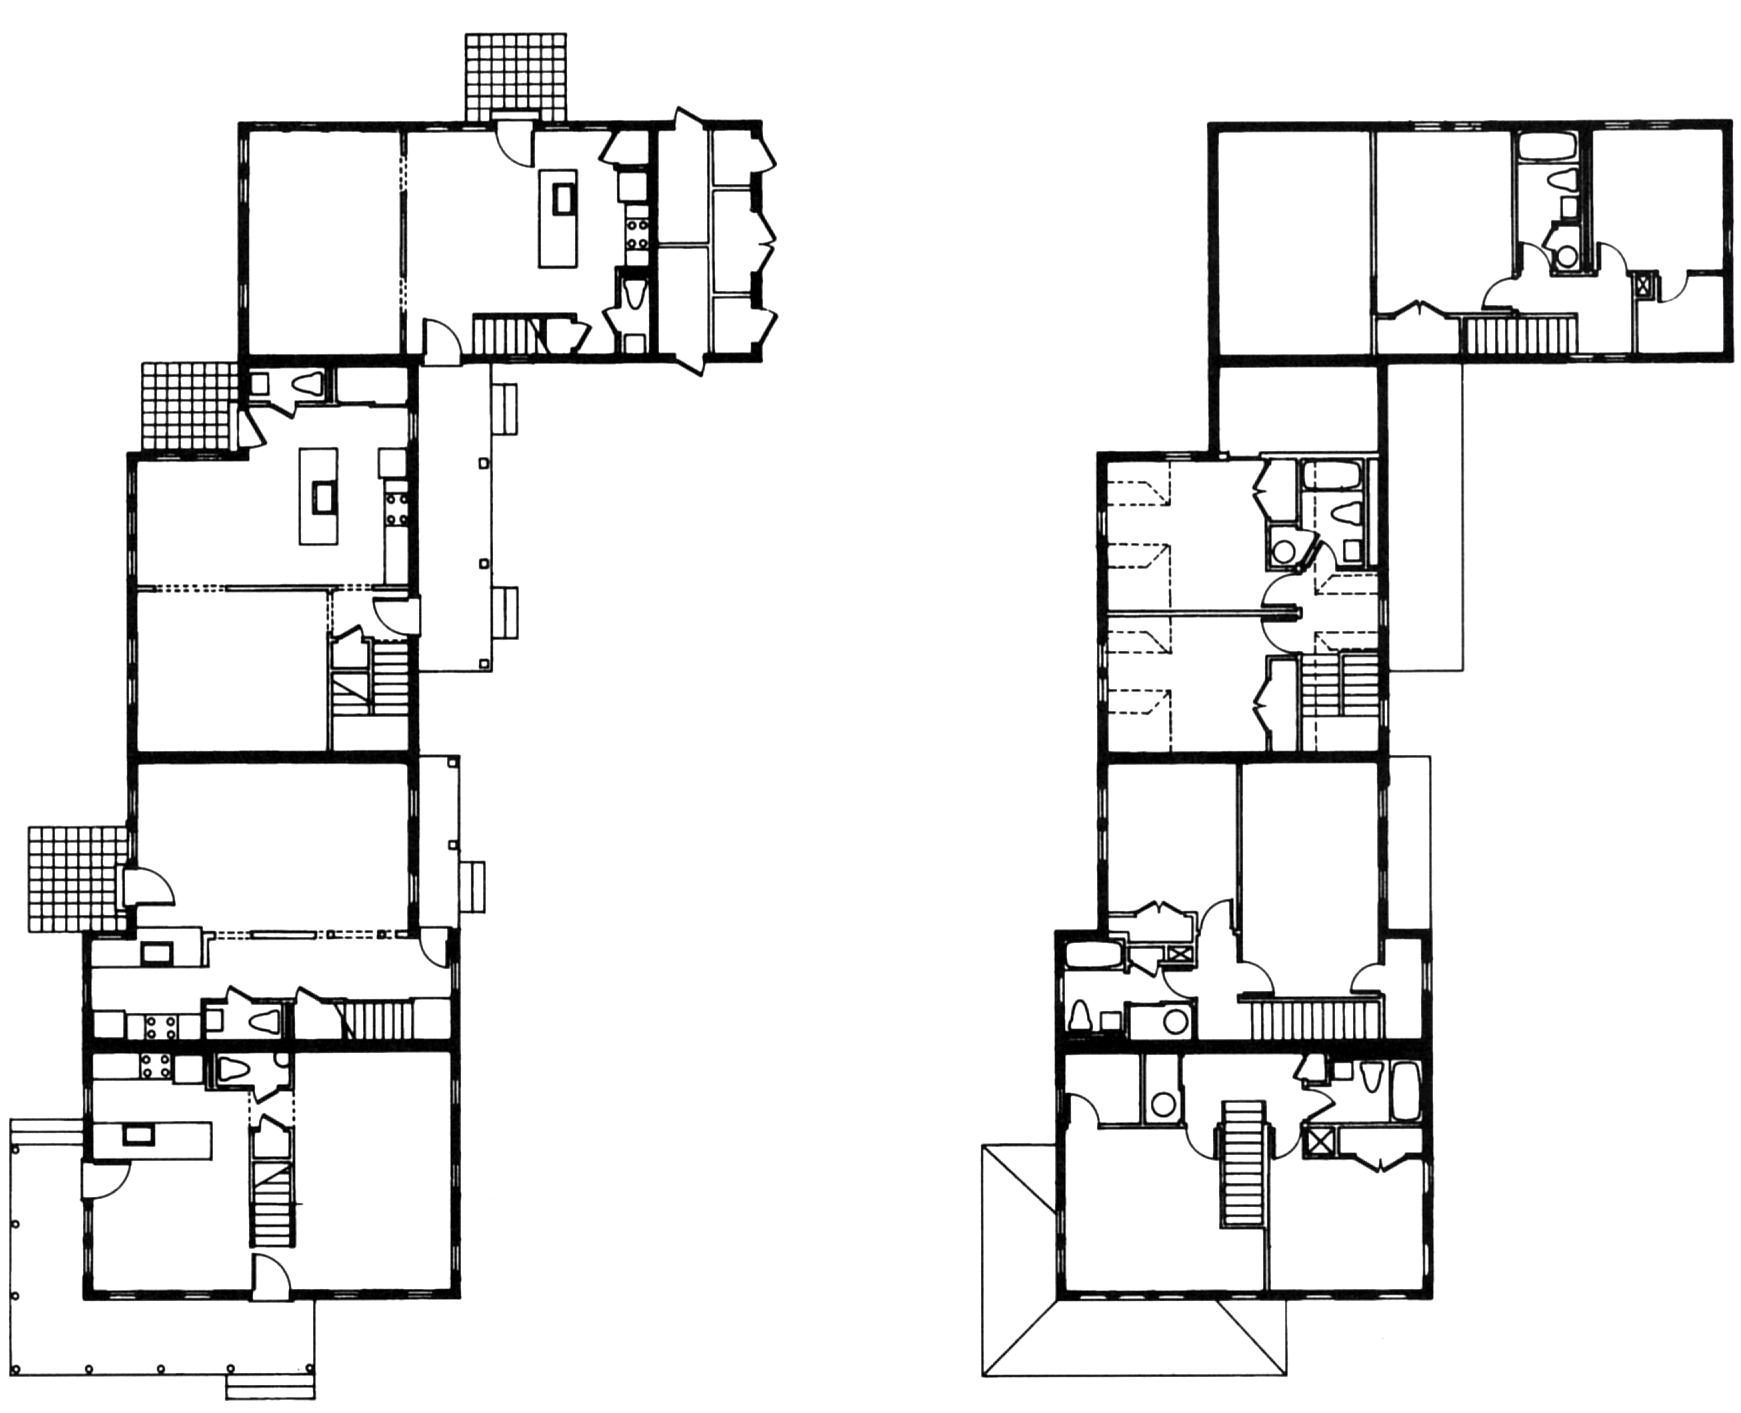 چهار واحد «خانه ی مزرعه ا ی» را تشکیل میدهندو هر واحد ورودی مجزّایی دارد و به صورت باز طراحی شده است. شرکای ؤیلیام رون.